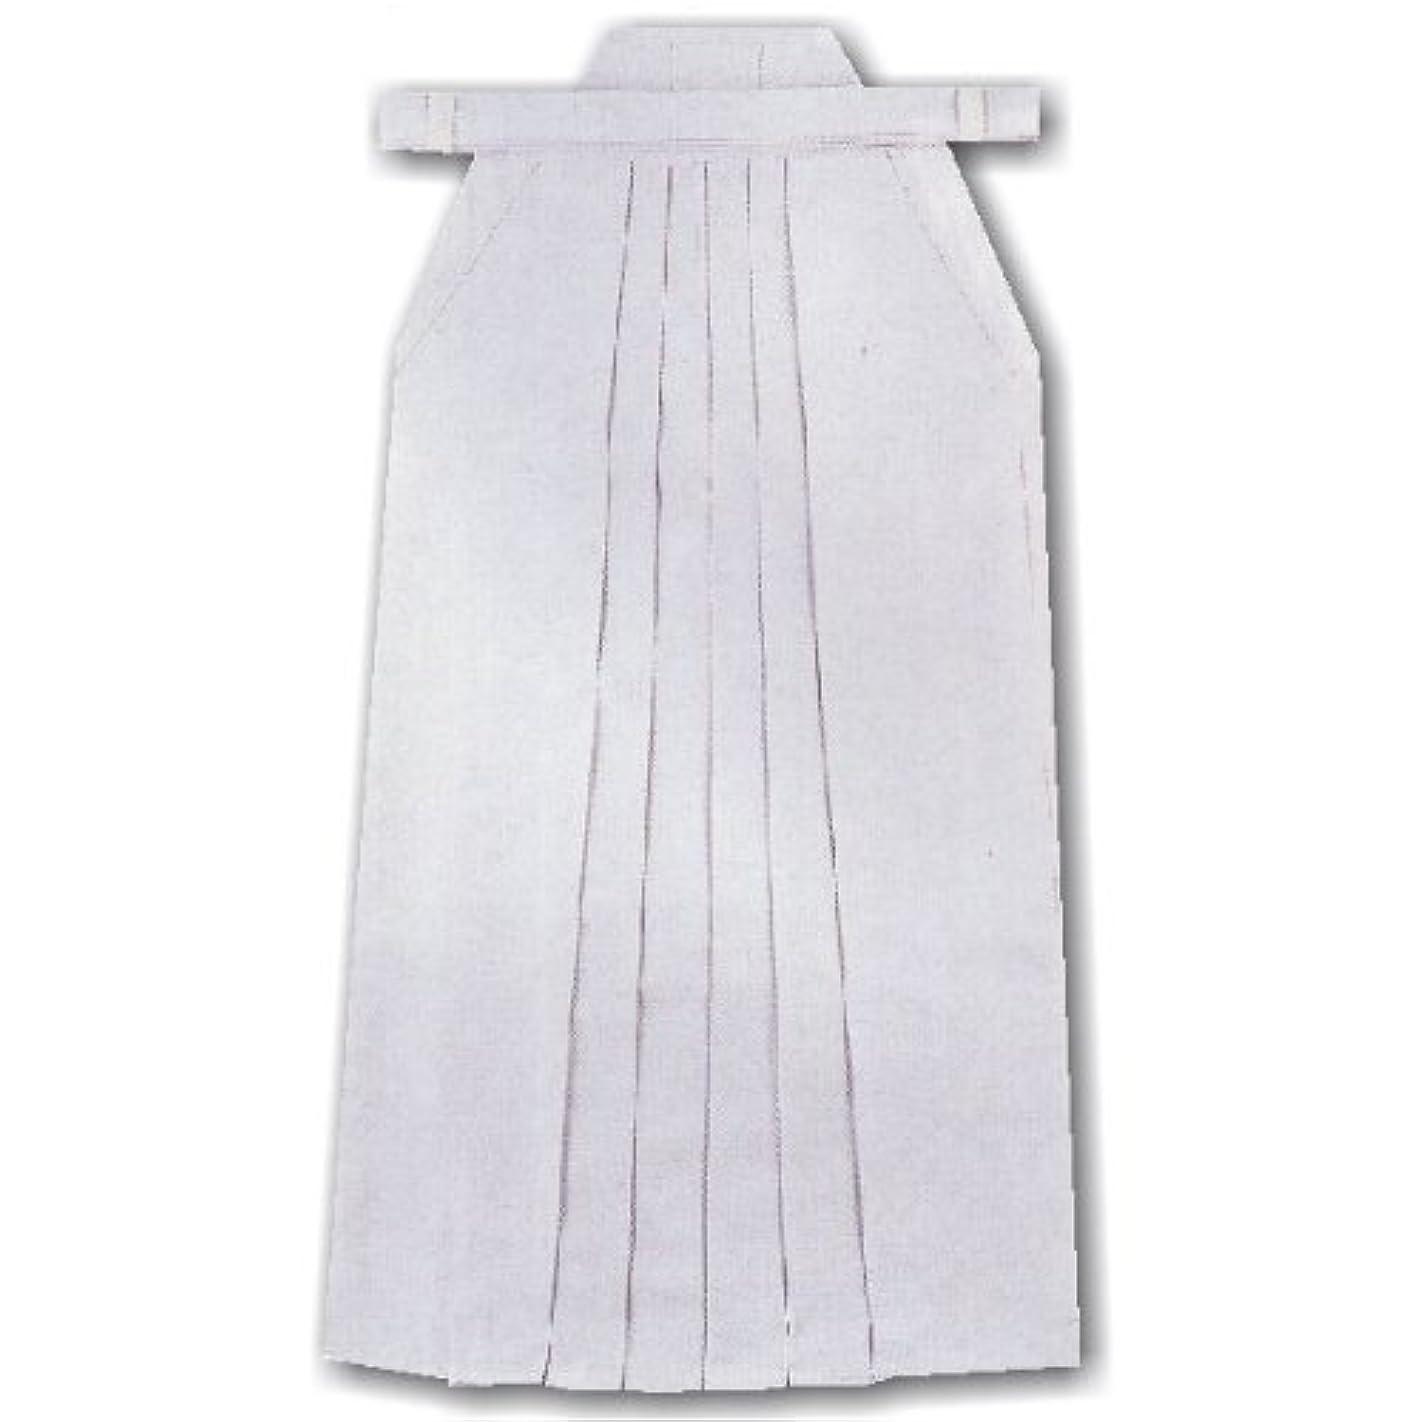 祭司バッテリースリム剣道 袴 特製ポリエステル&レーヨン袴 白色